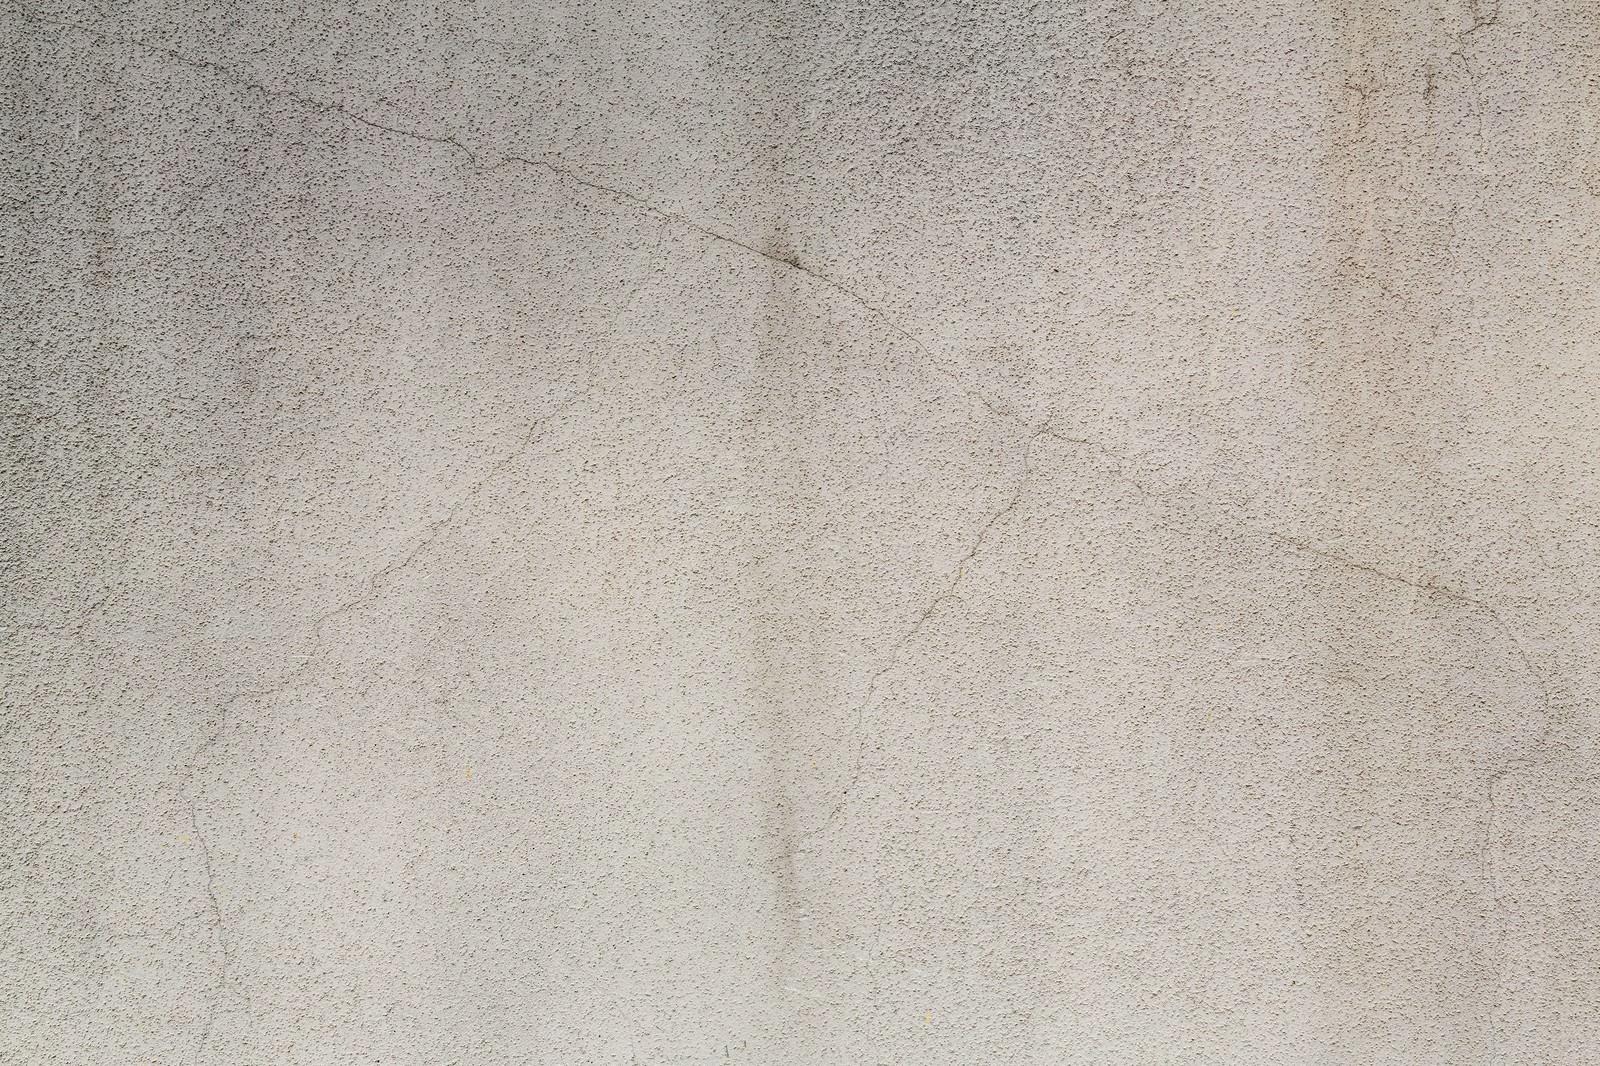 「ひび割れた壁(テクスチャー)」の写真